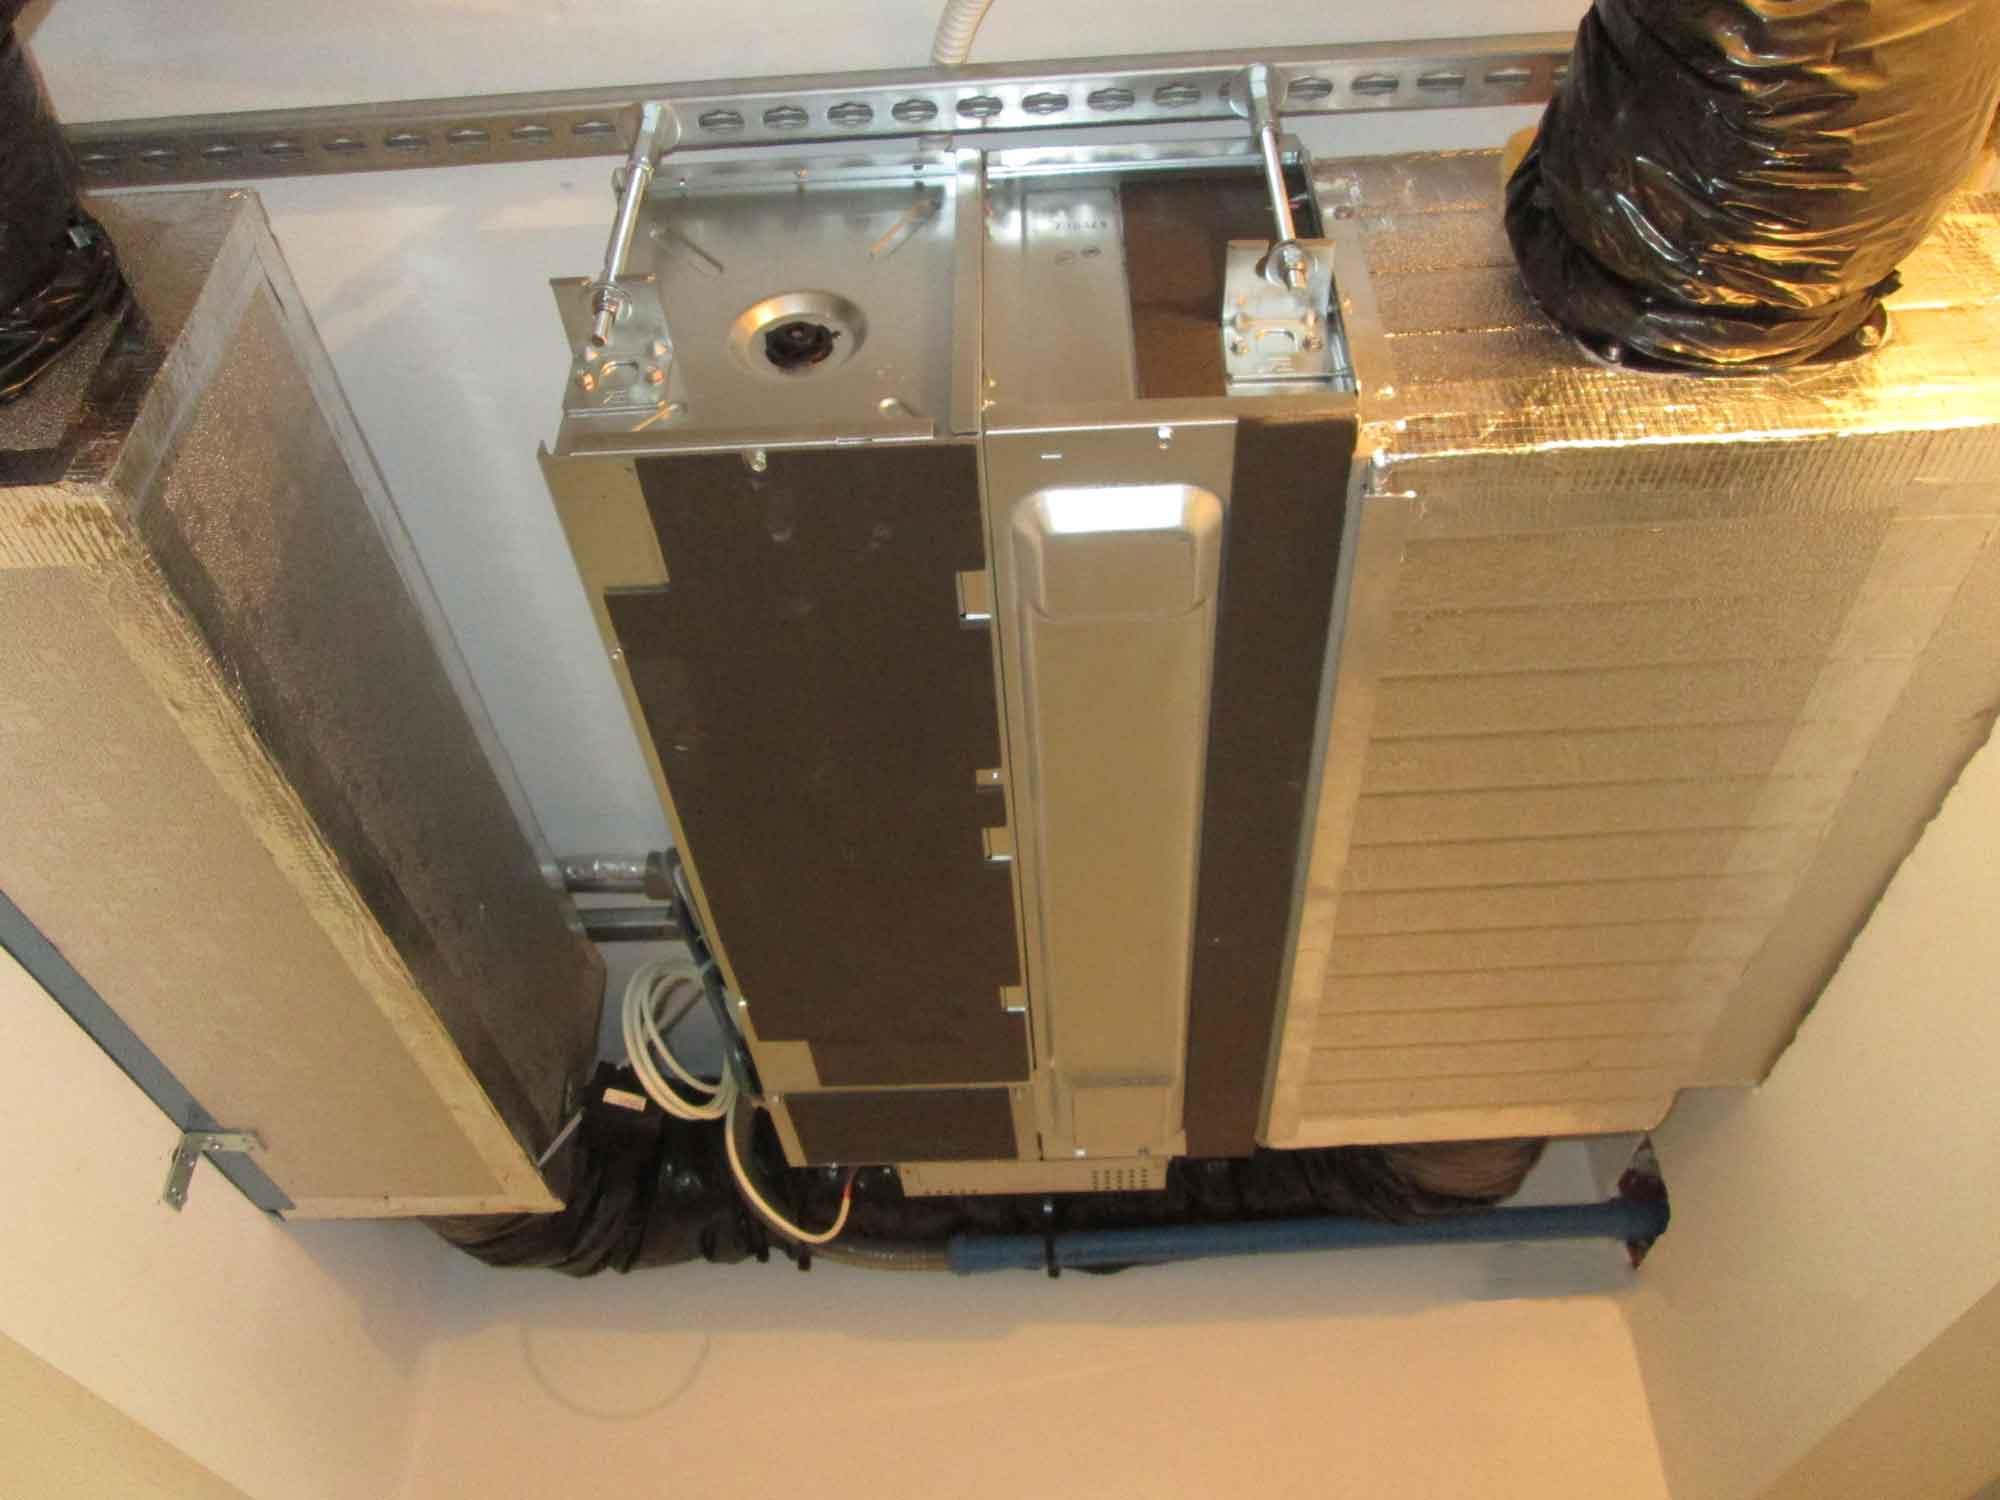 Aria Condizionata Canalizzata impianto di climatizzazione: come funziona | dal zilio